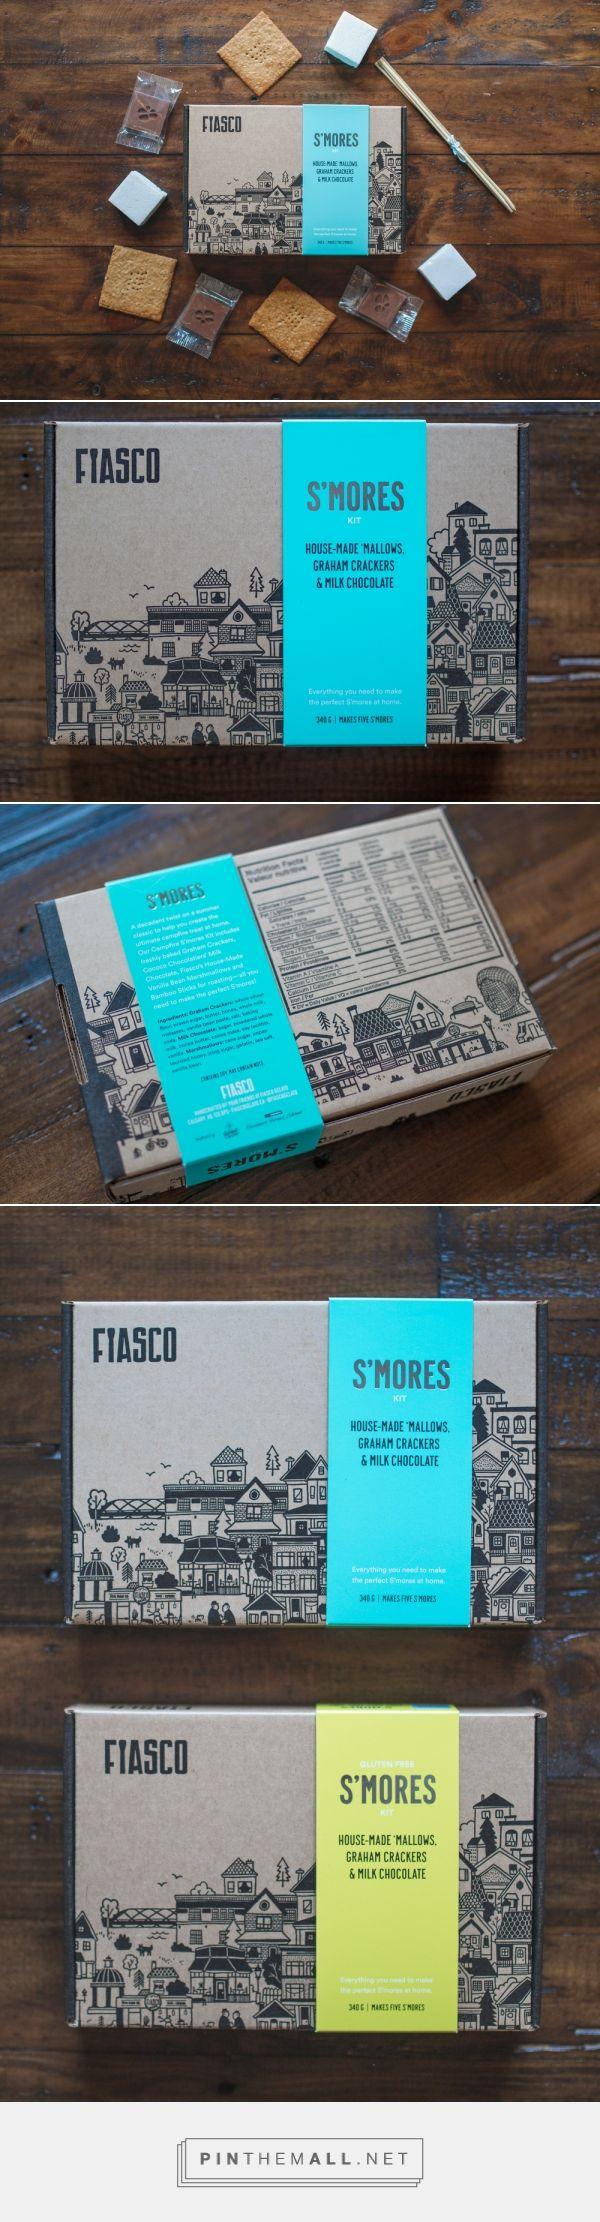 Fiasco Gelato S'mores Kit  — The Dieline - Branding & Packaging